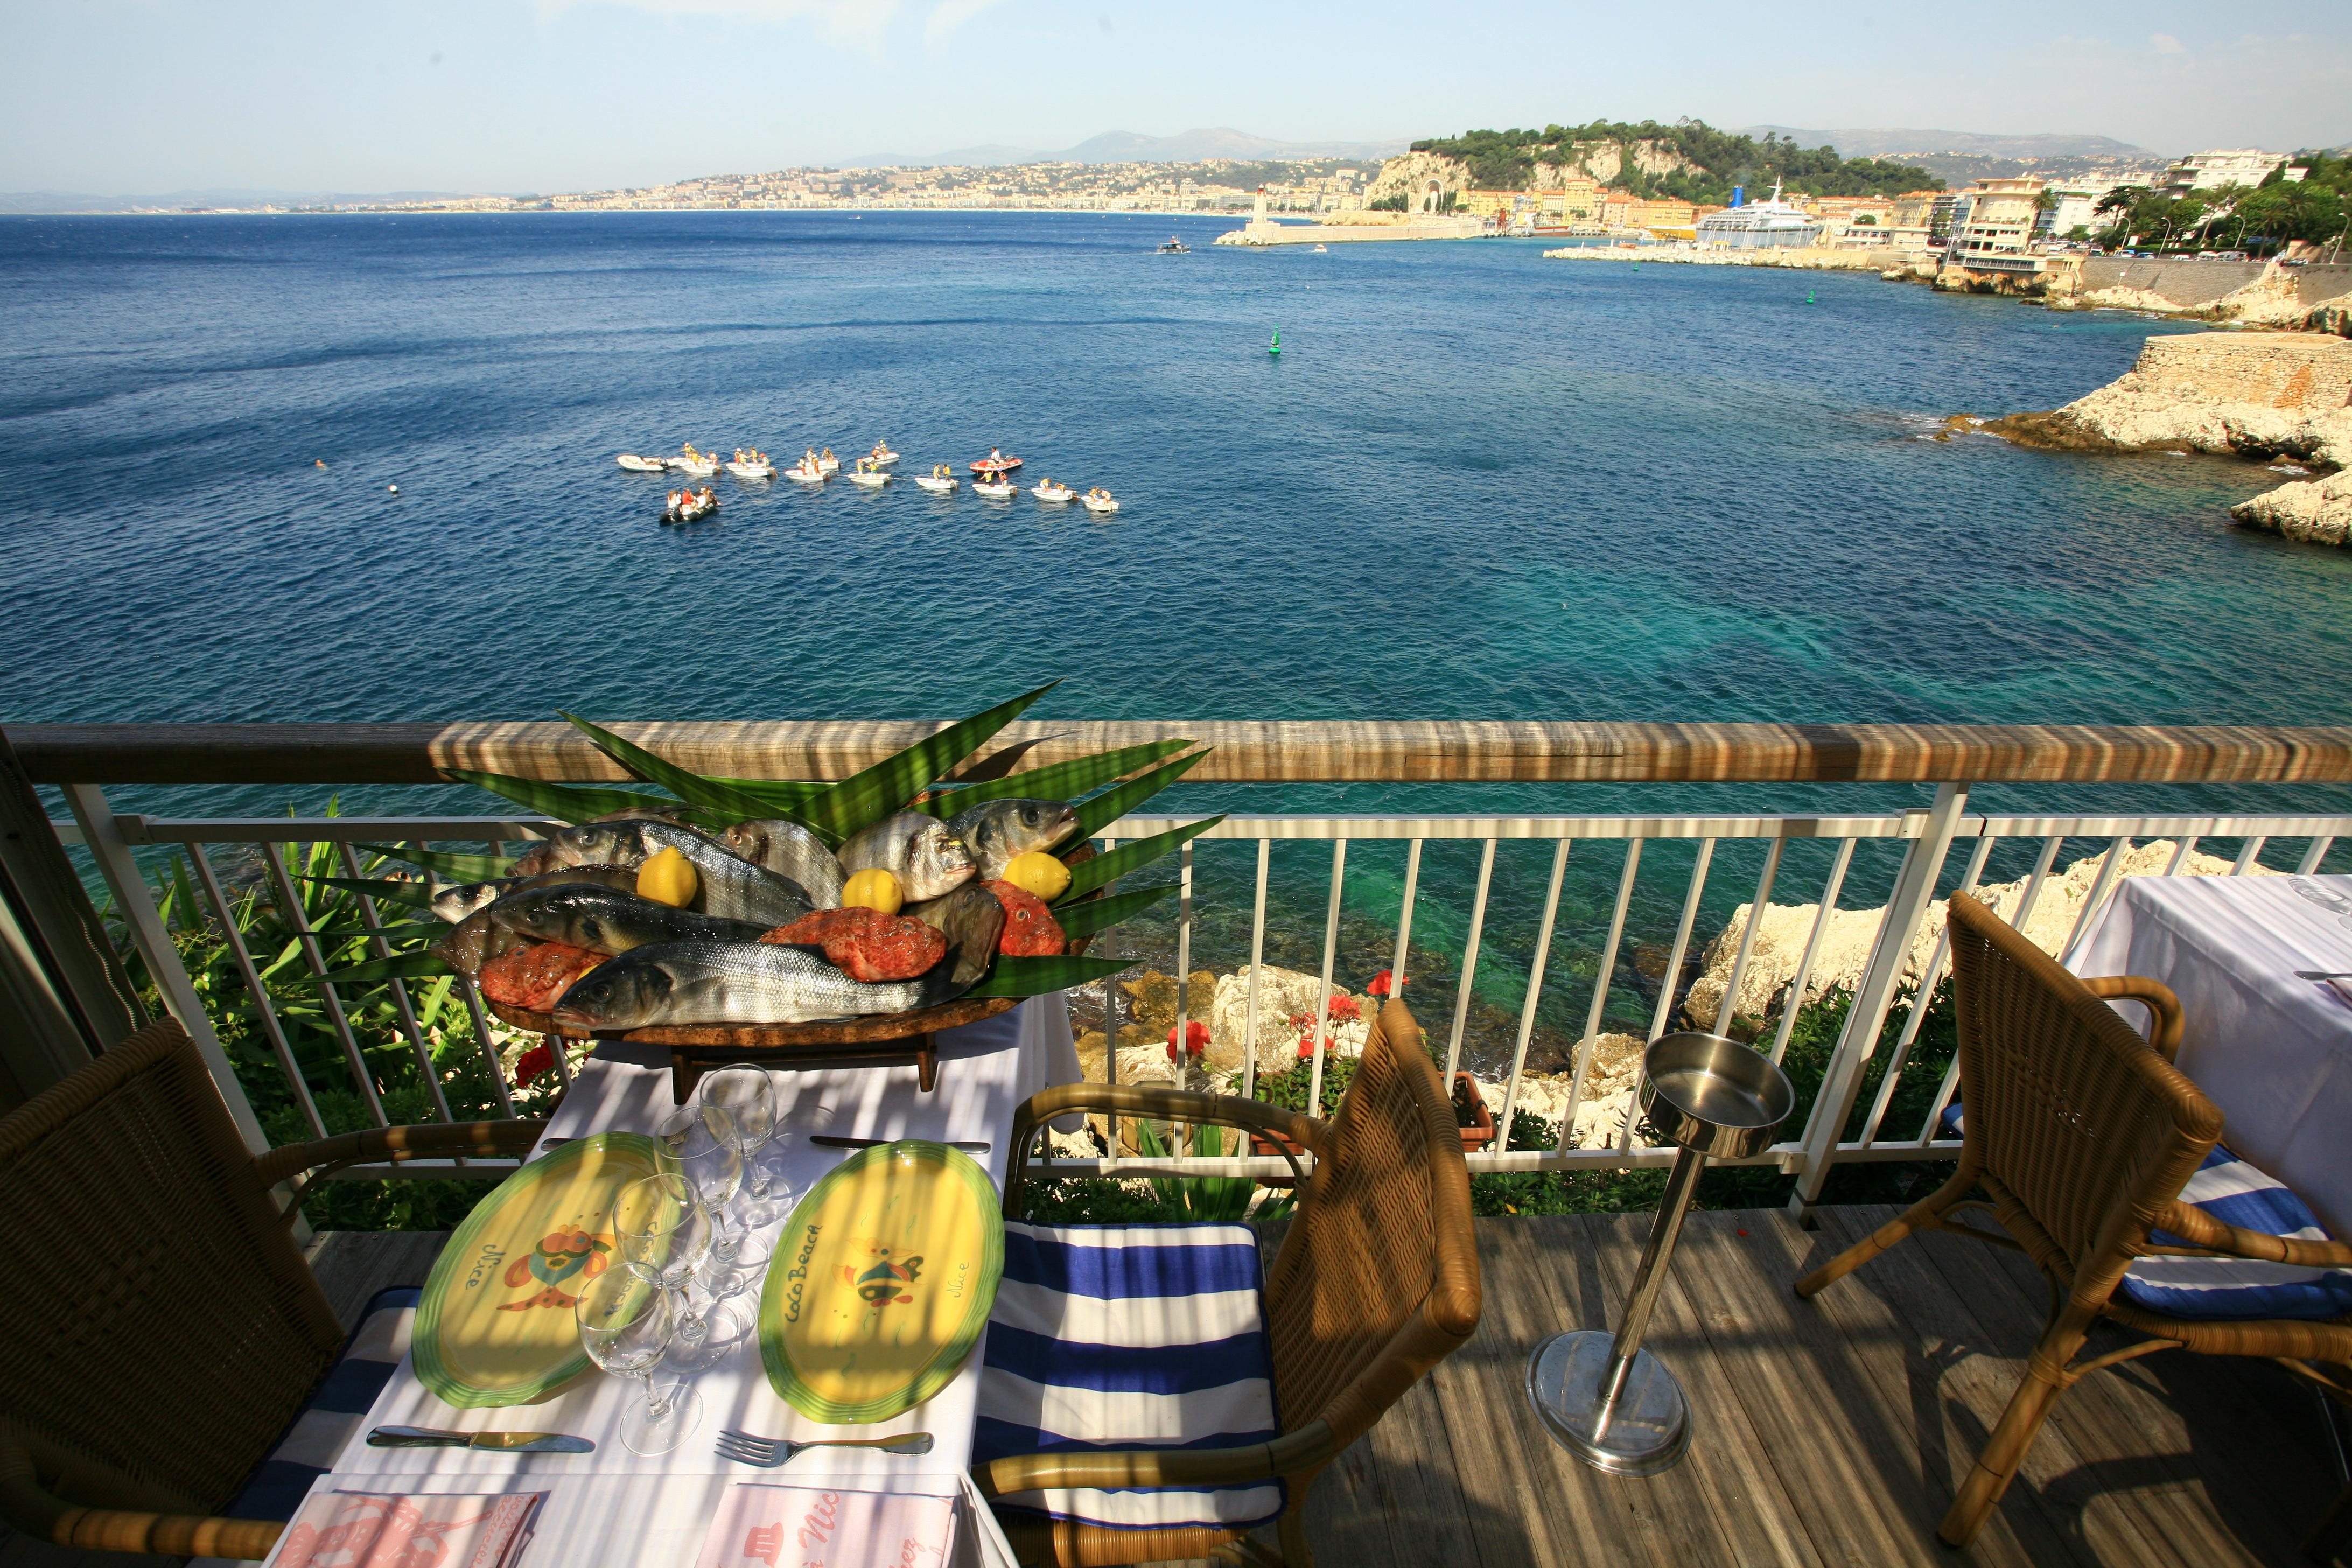 Cuisine ni oise et vue sur la mer for Restaurant cuisine nicoise nice